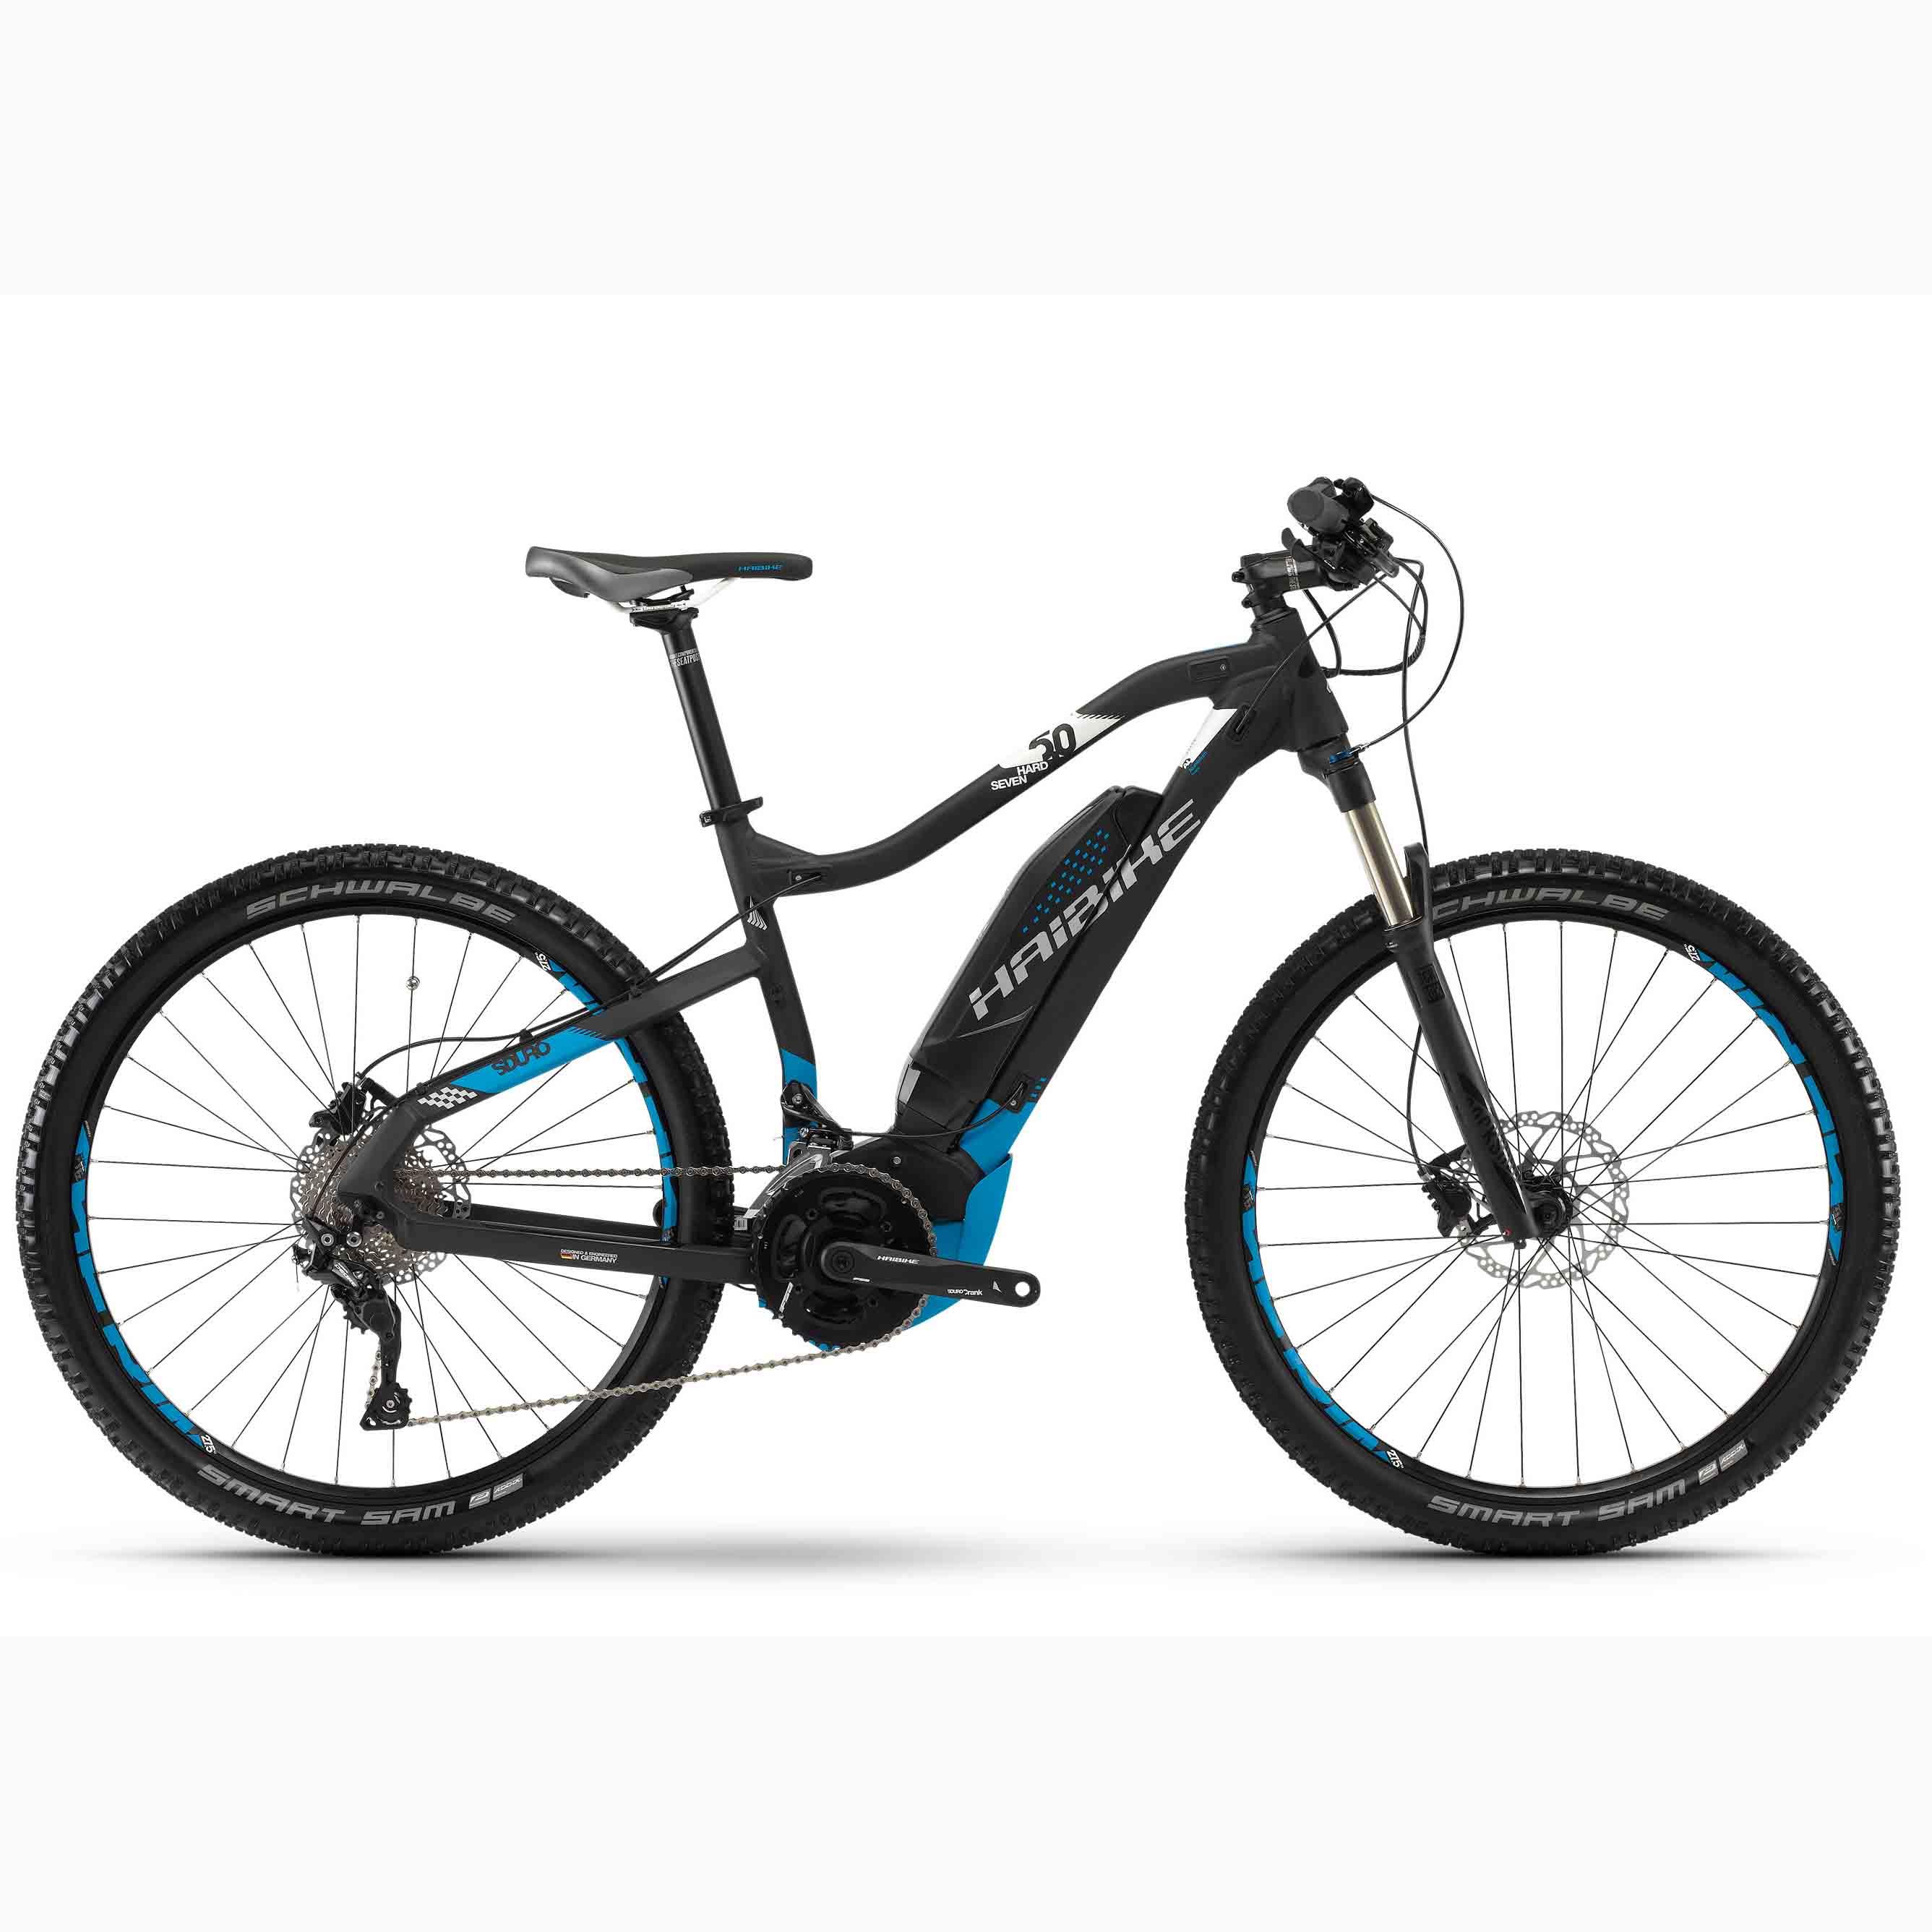 Фото Велосипед Haibike SDURO HardSeven 5.0 27,5″ 500Wh, рама 45см, 2018